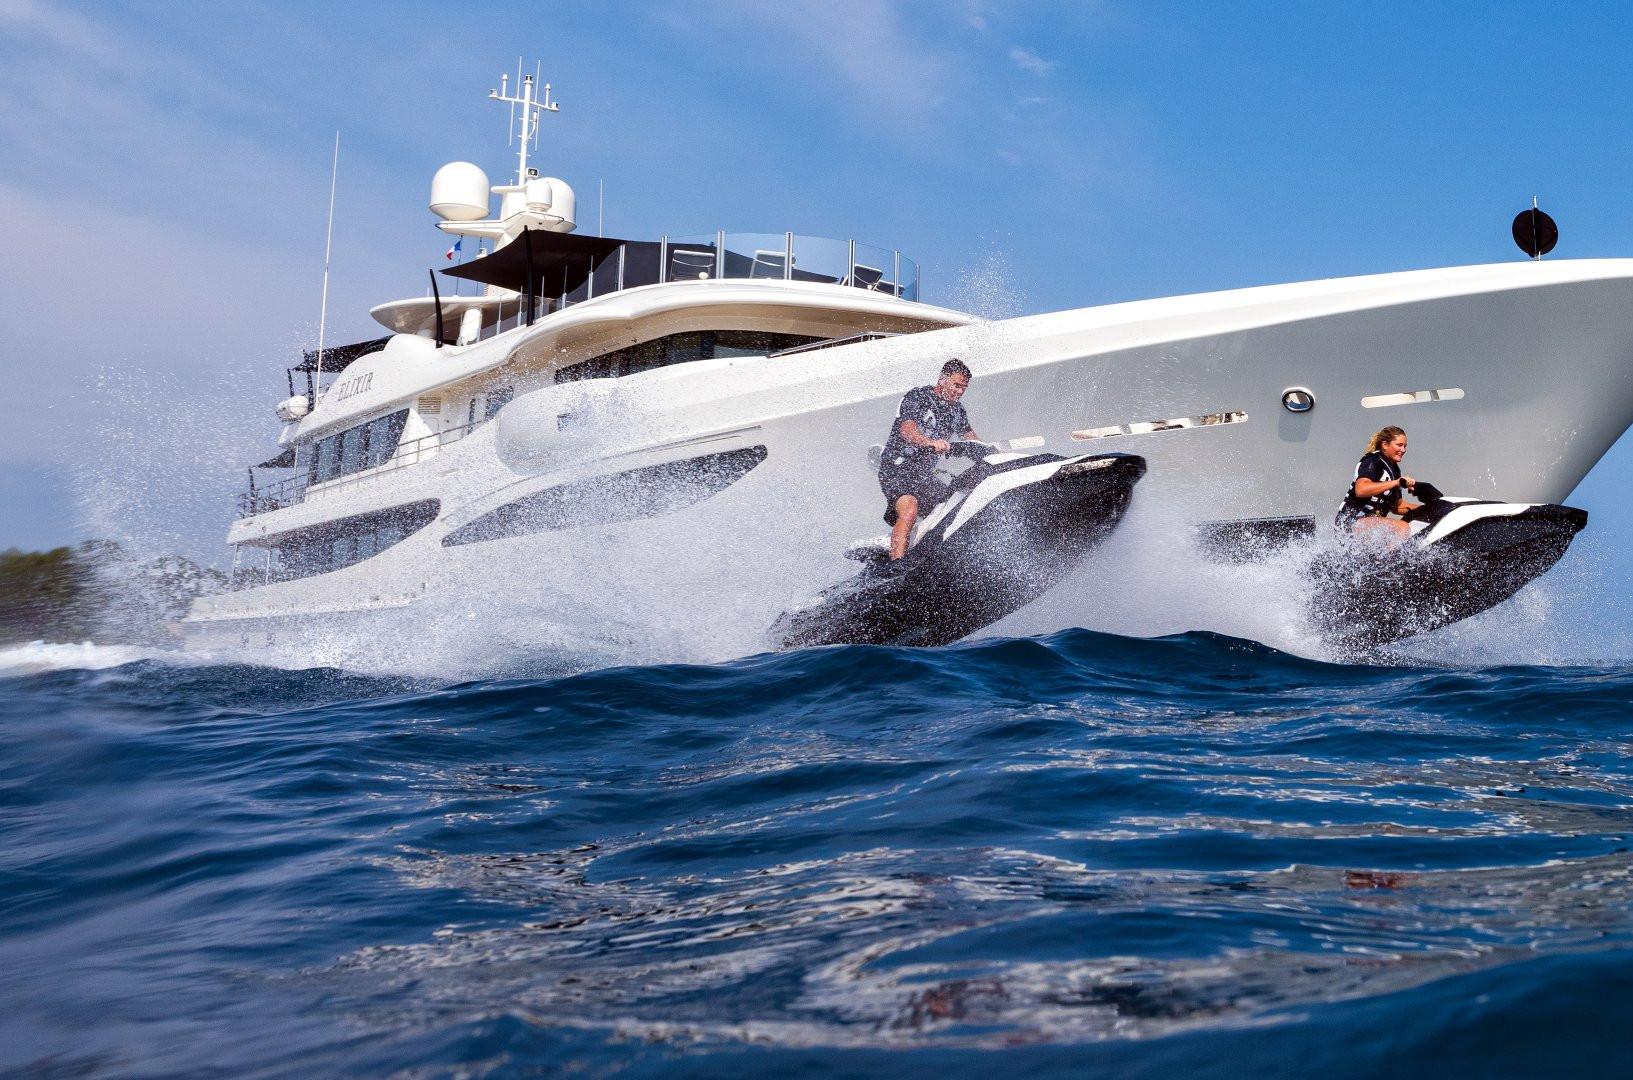 Jet skiing round the yacht